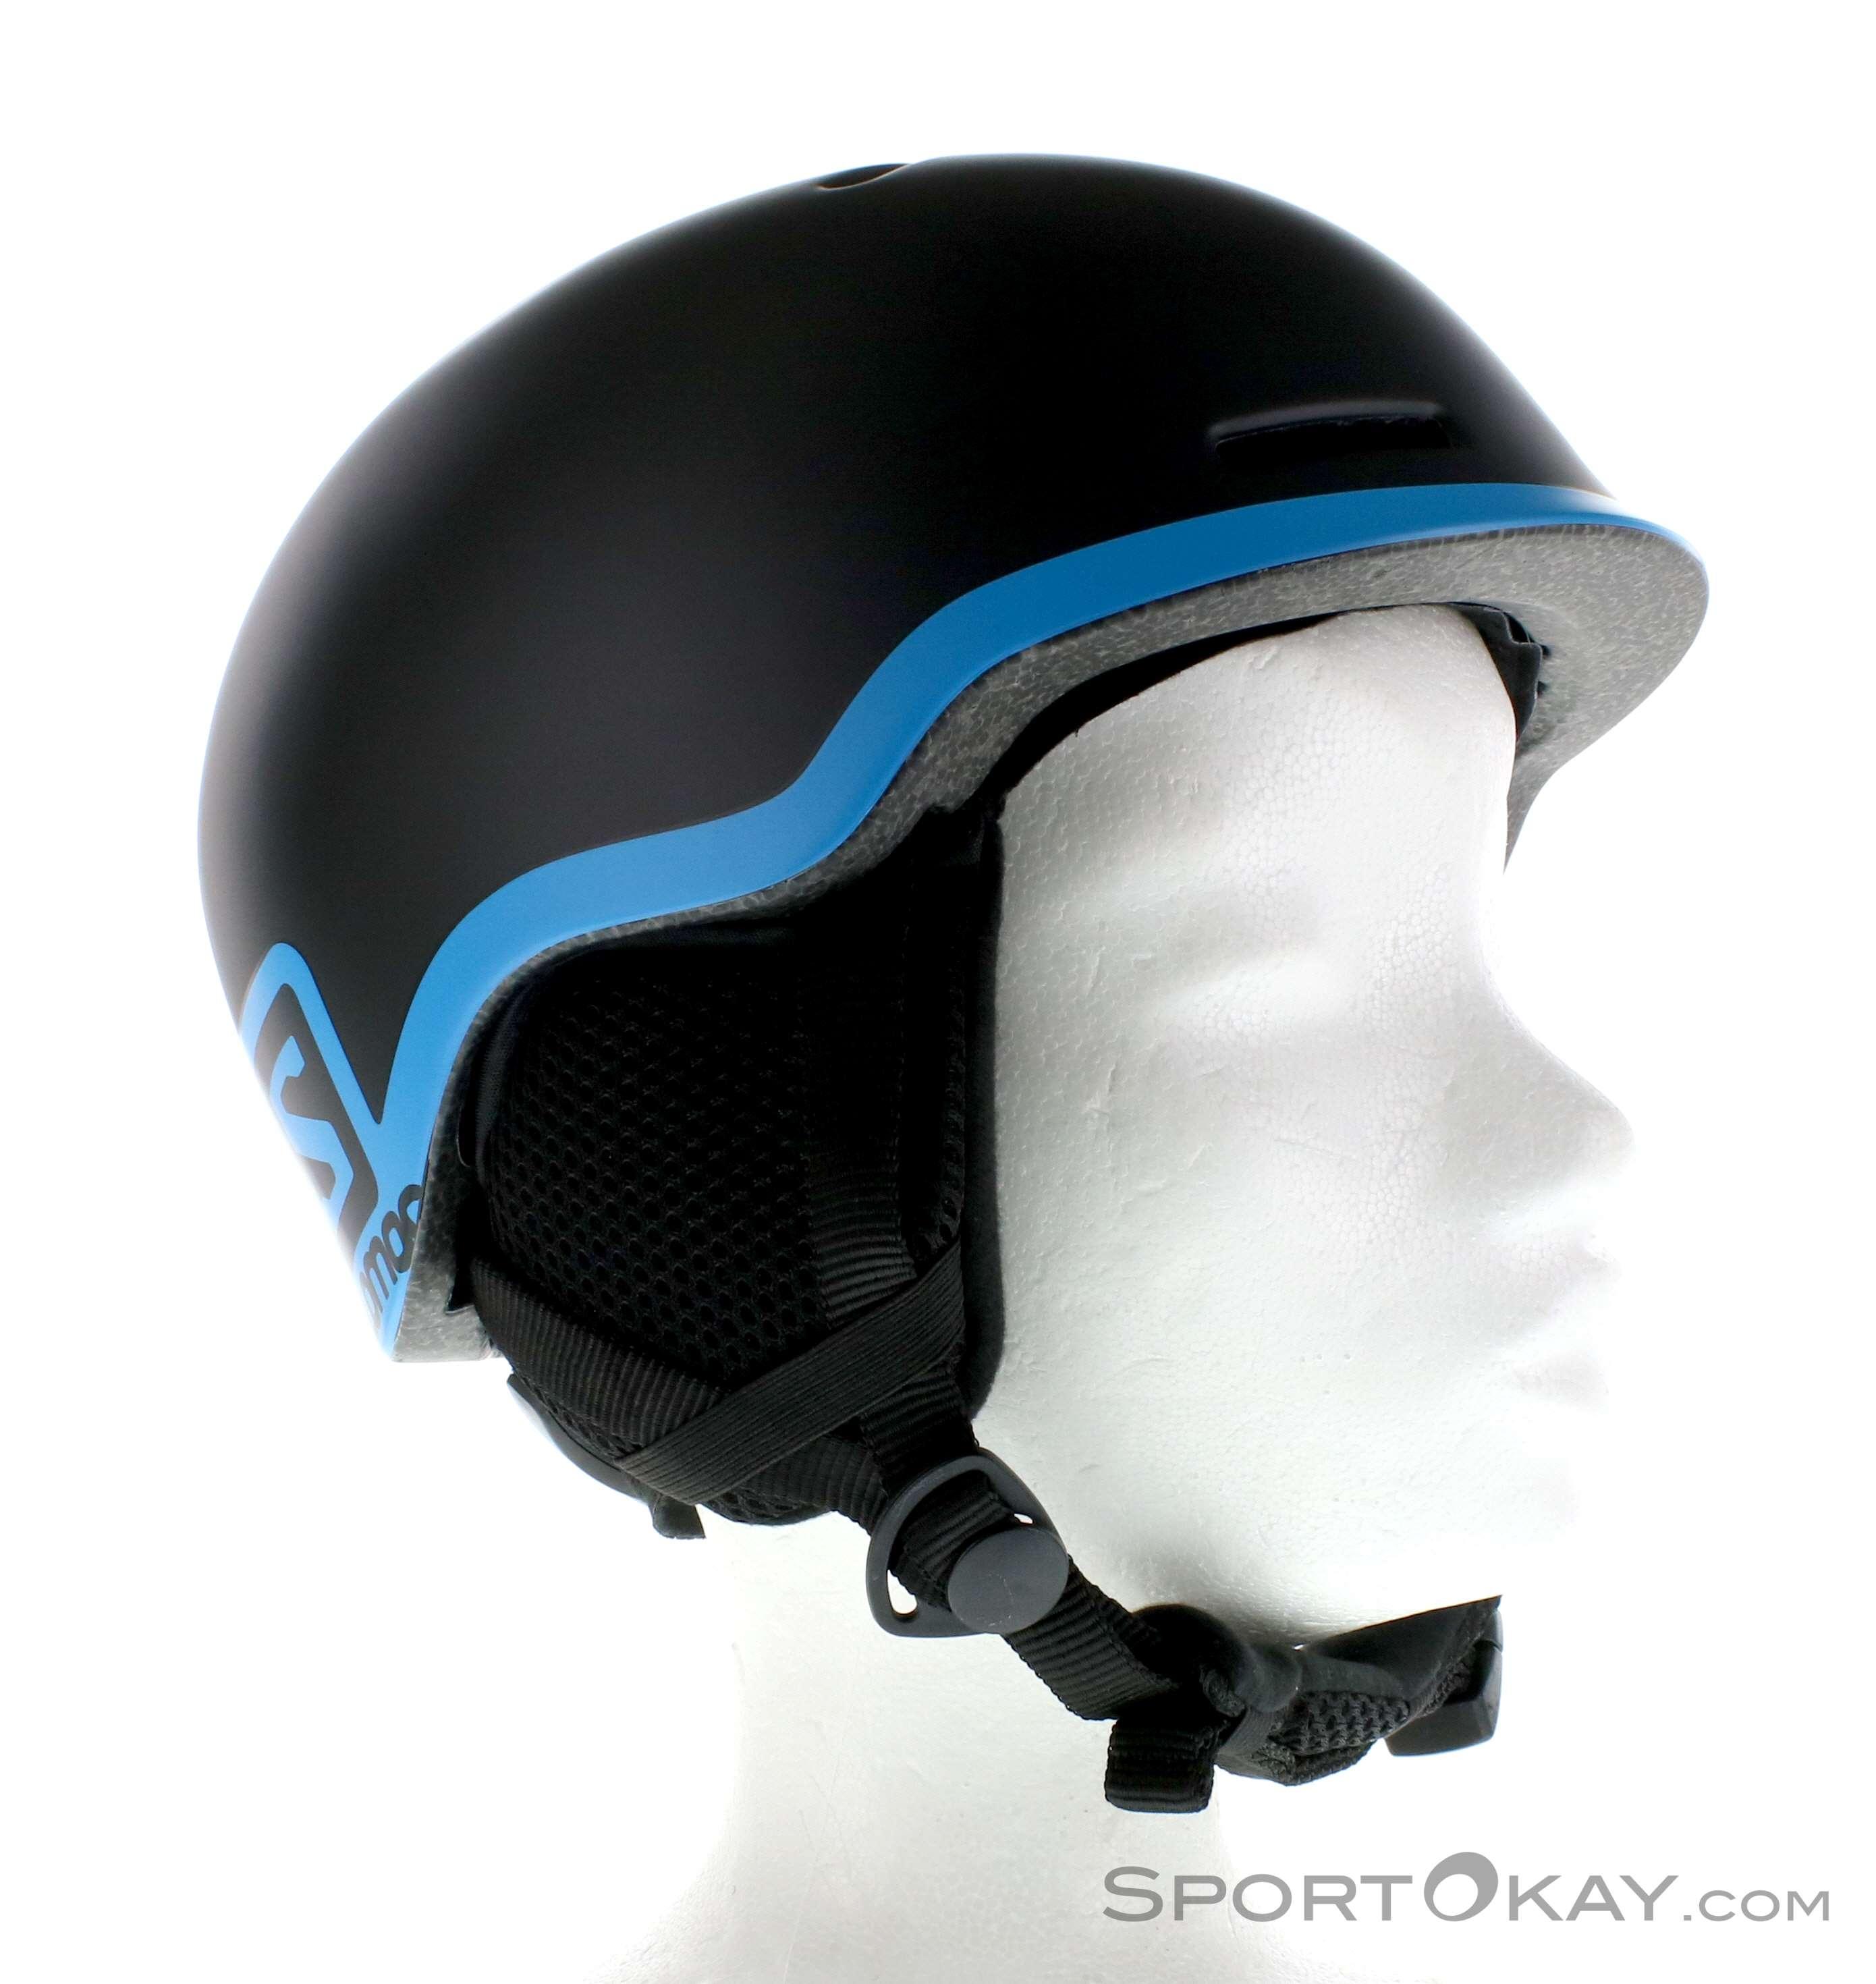 3aad1efcbc Salomon Salomon Grom Kids Ski Helmet